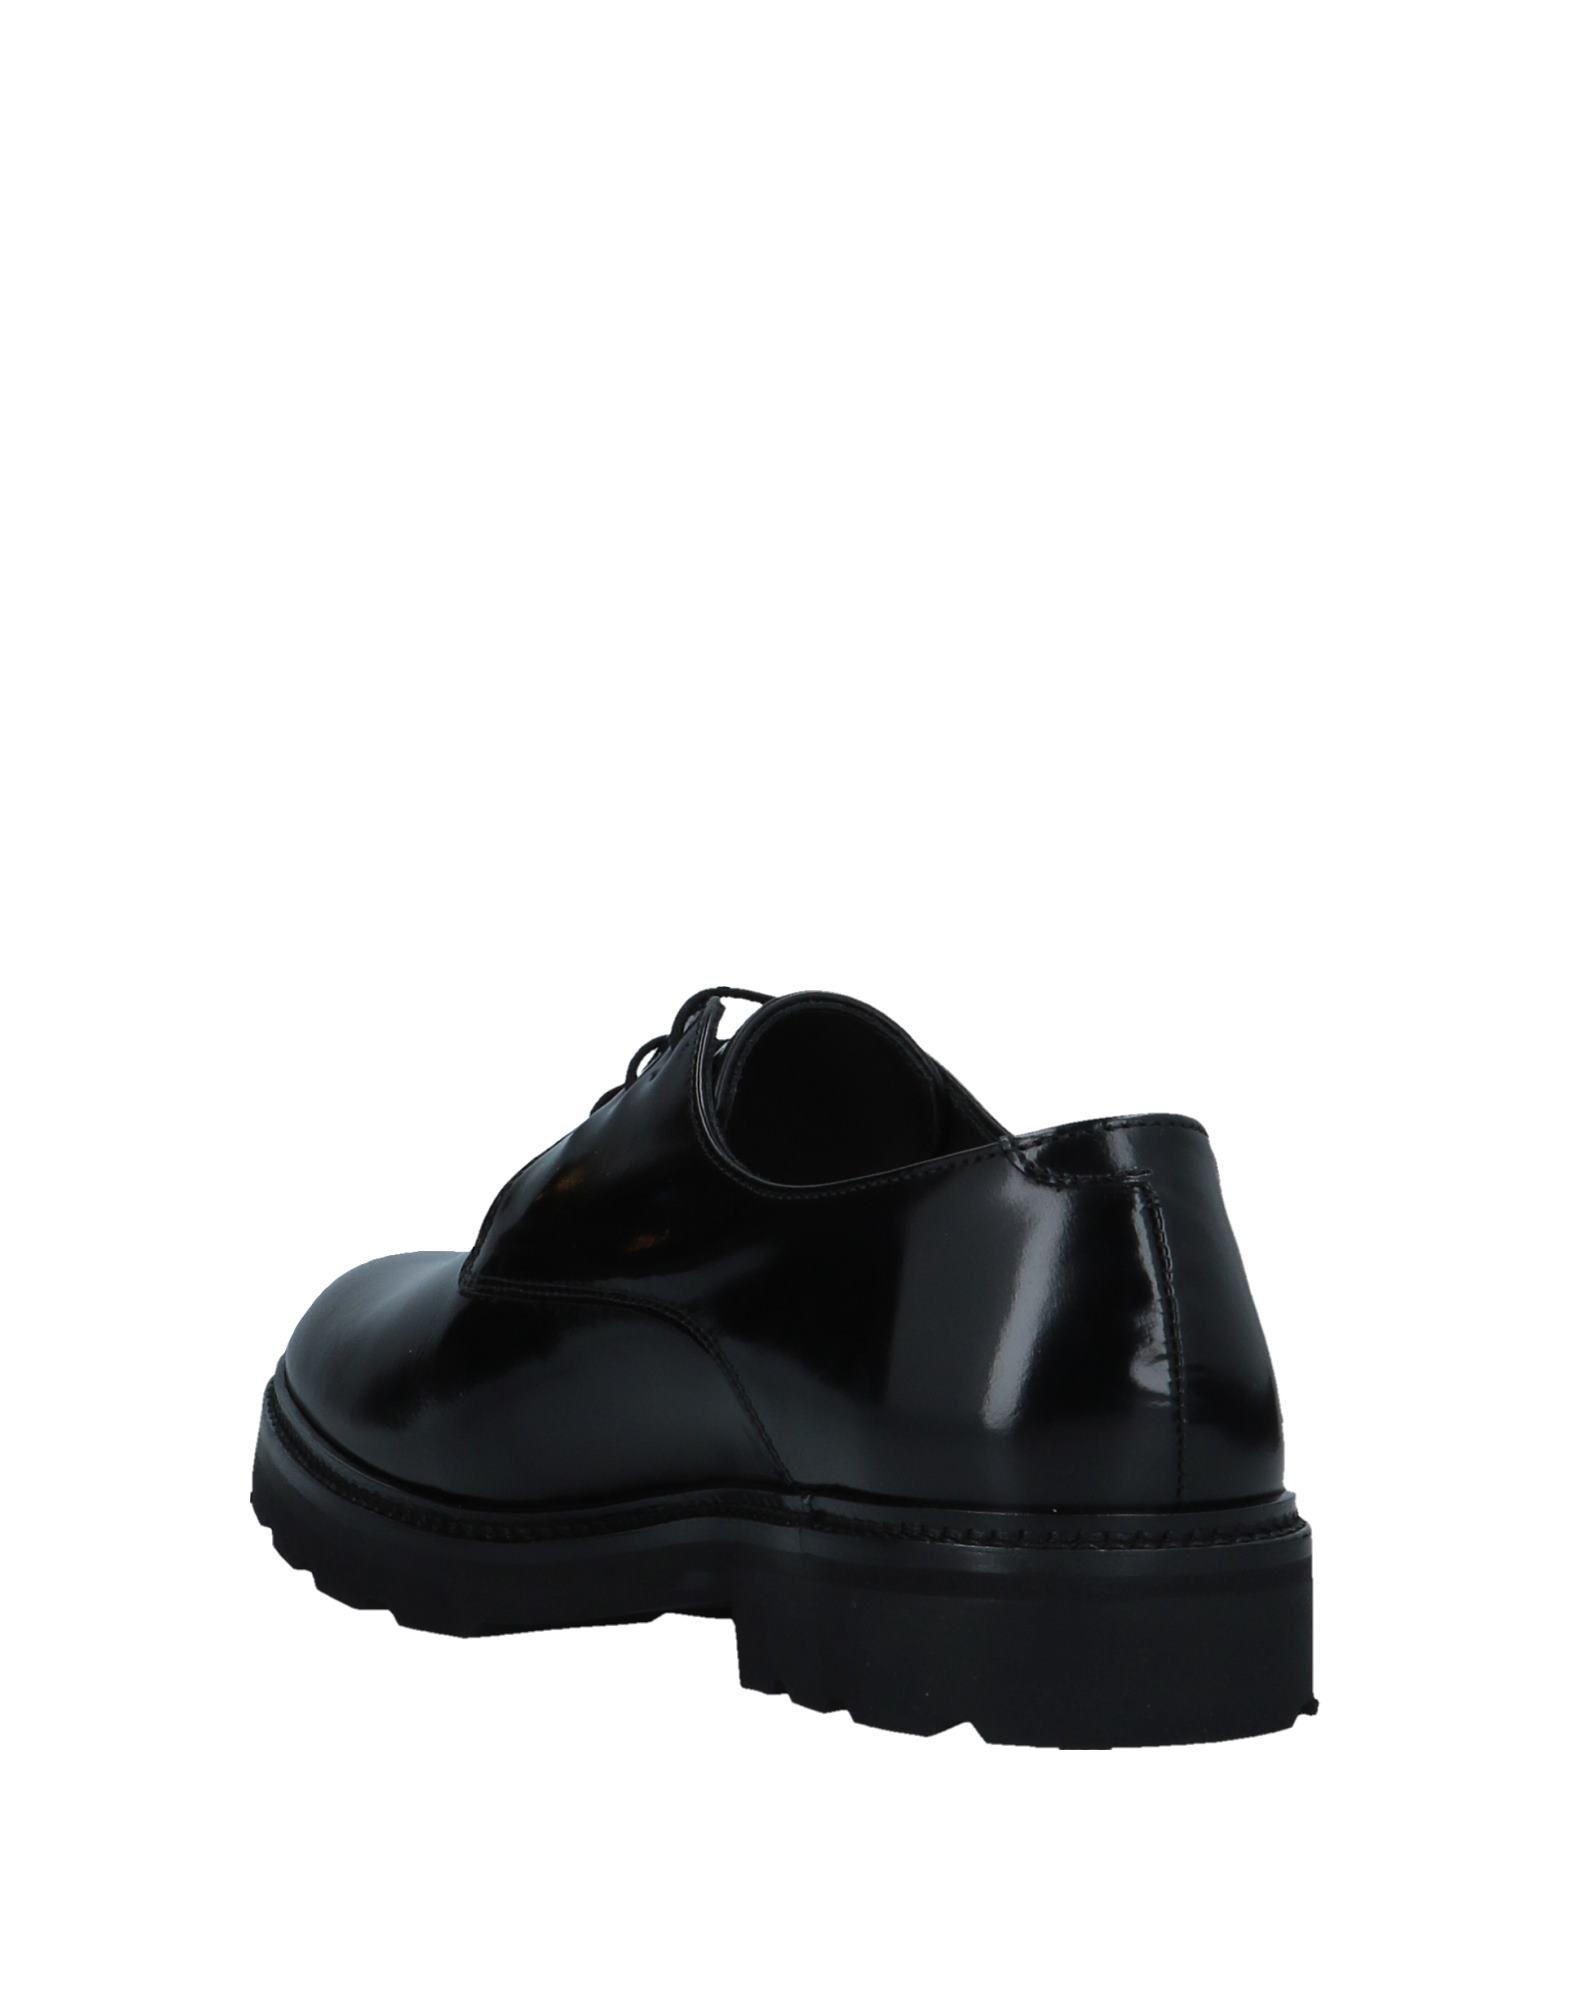 Royal Republiq Schnürschuhe Herren  11543369HK Neue Schuhe Schuhe Schuhe 4fbdca